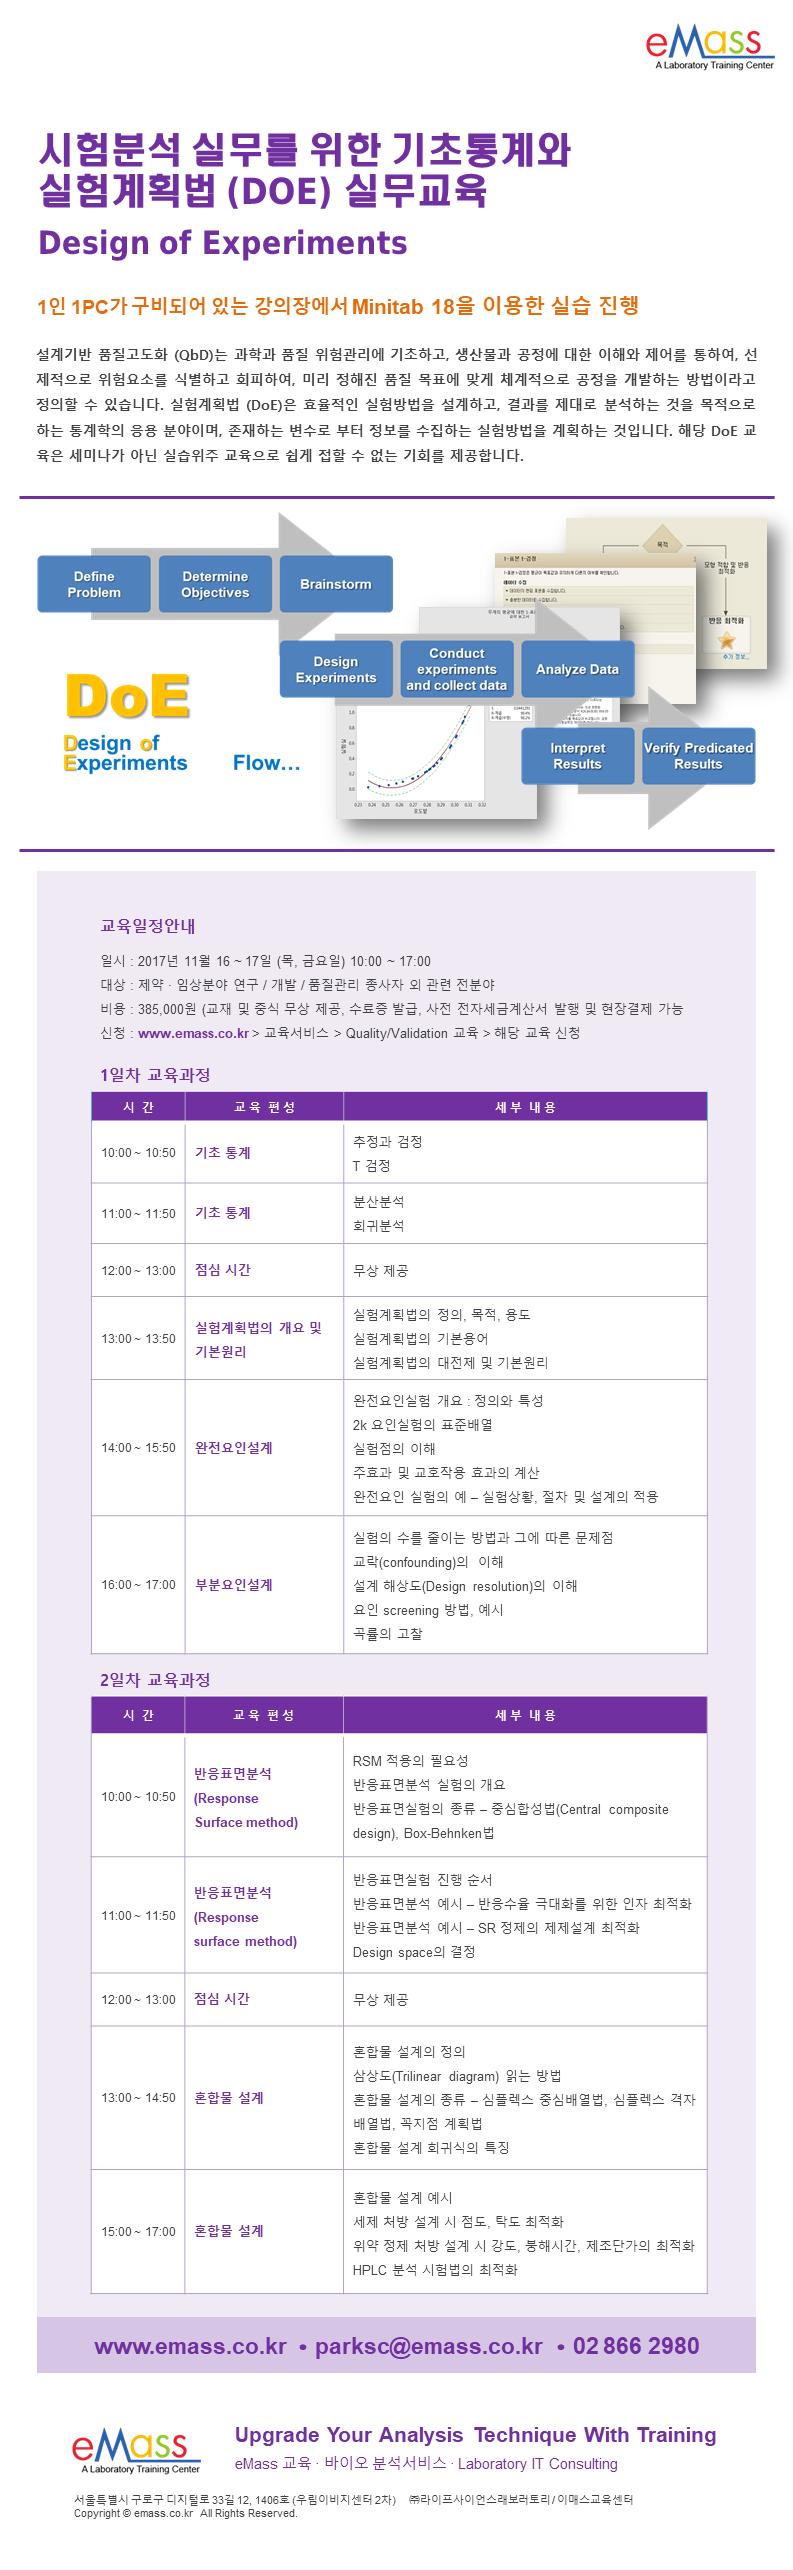 실험계획법 DoE 교육_2일과정_New_002.png